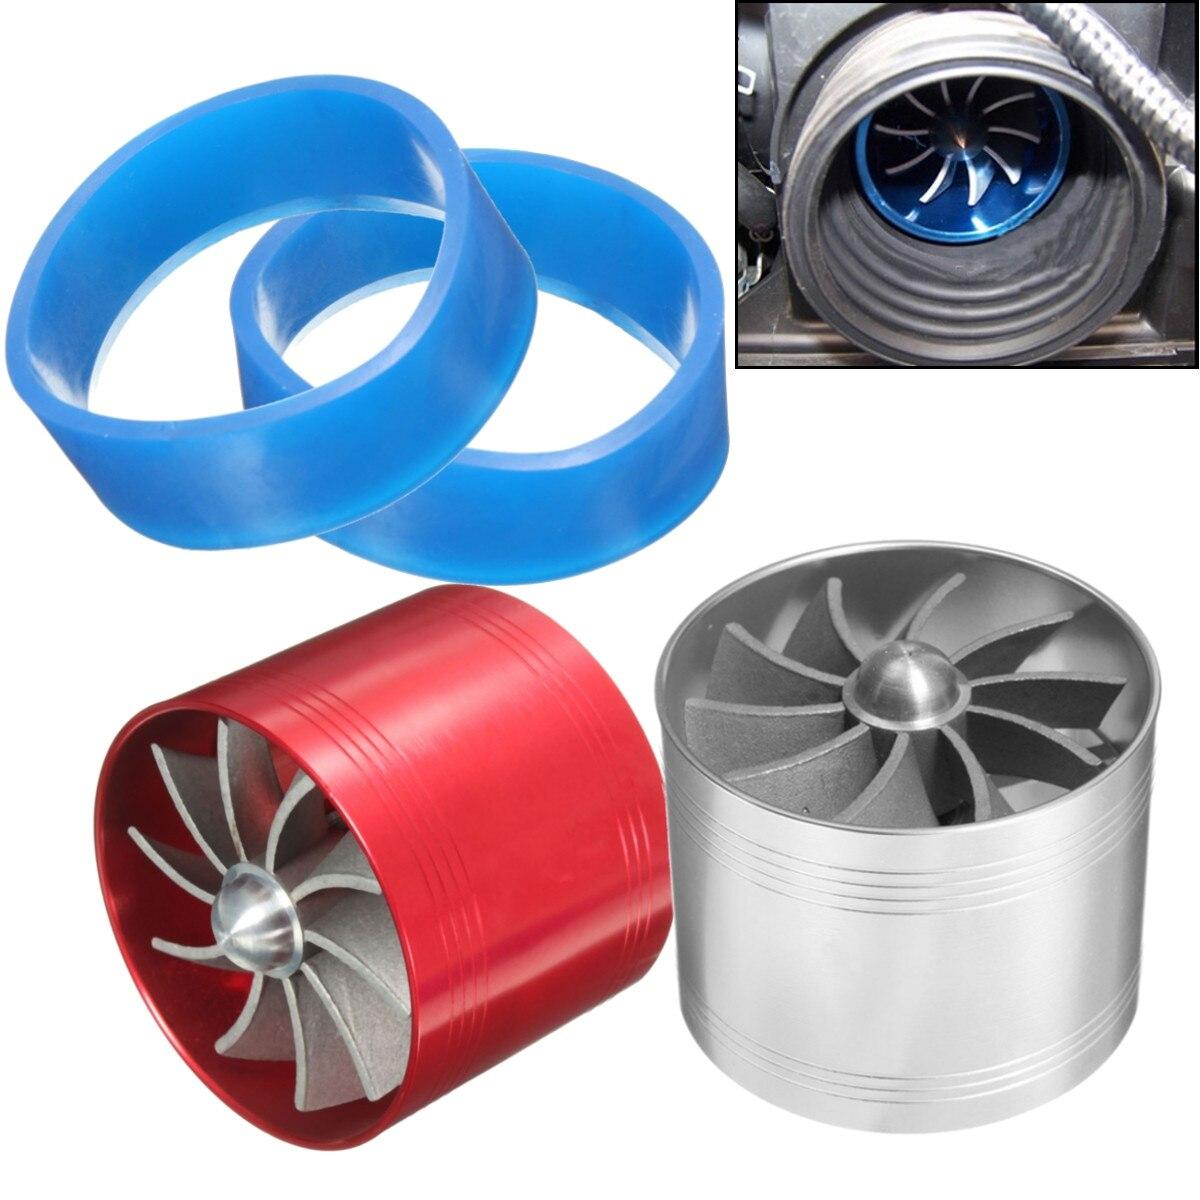 Nouveau compresseur universel d'économie de gaz de carburant de voiture pour Turbine Turbo chargeur turbocompresseur filtre à Air ventilateur d'admission économiseur de carburant augmentation